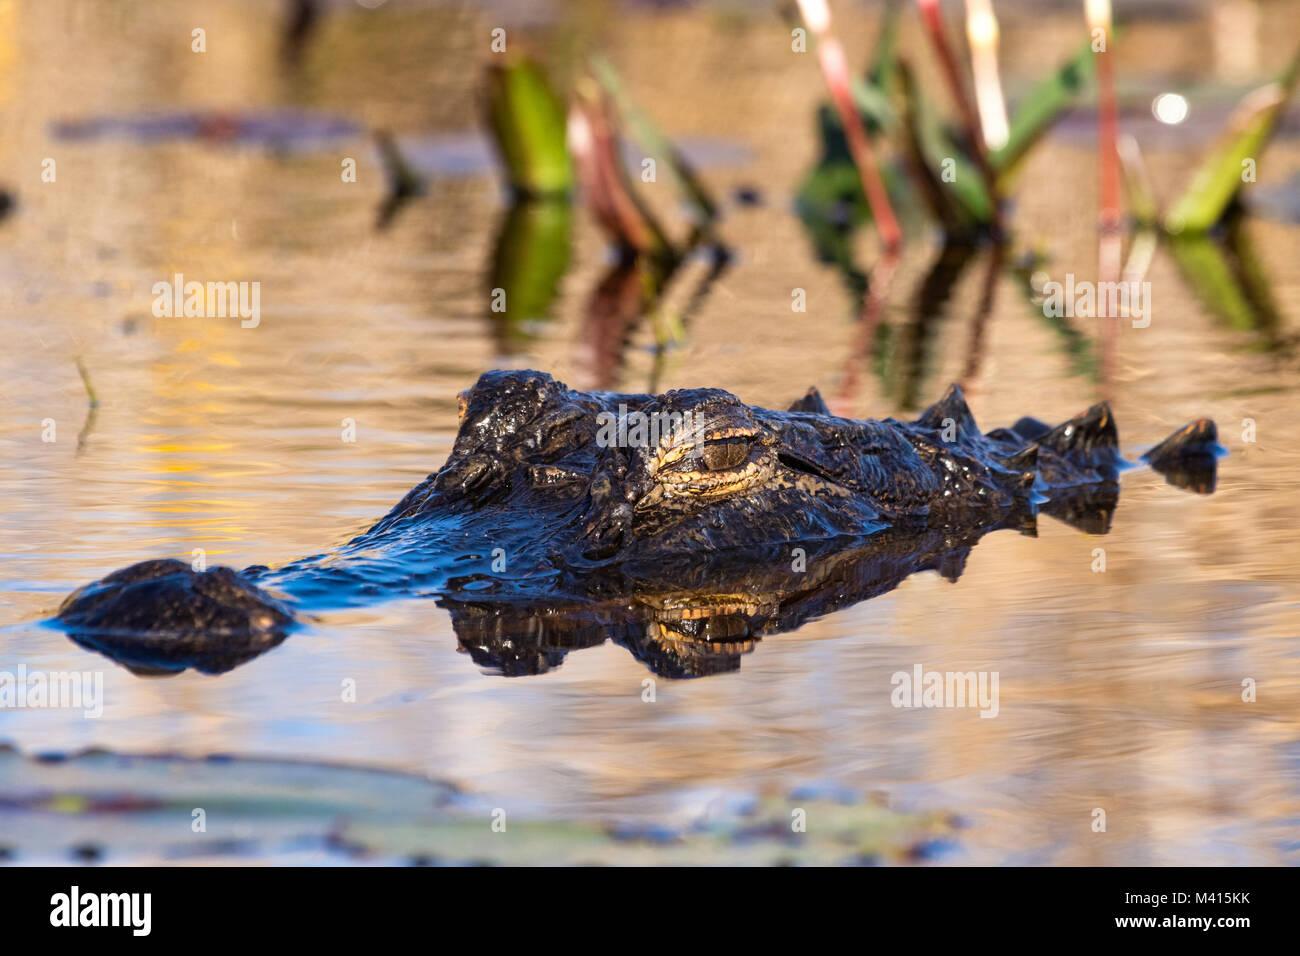 Un alligator Alligator mississippiensis) (faible pose dans le marais. Photo Stock